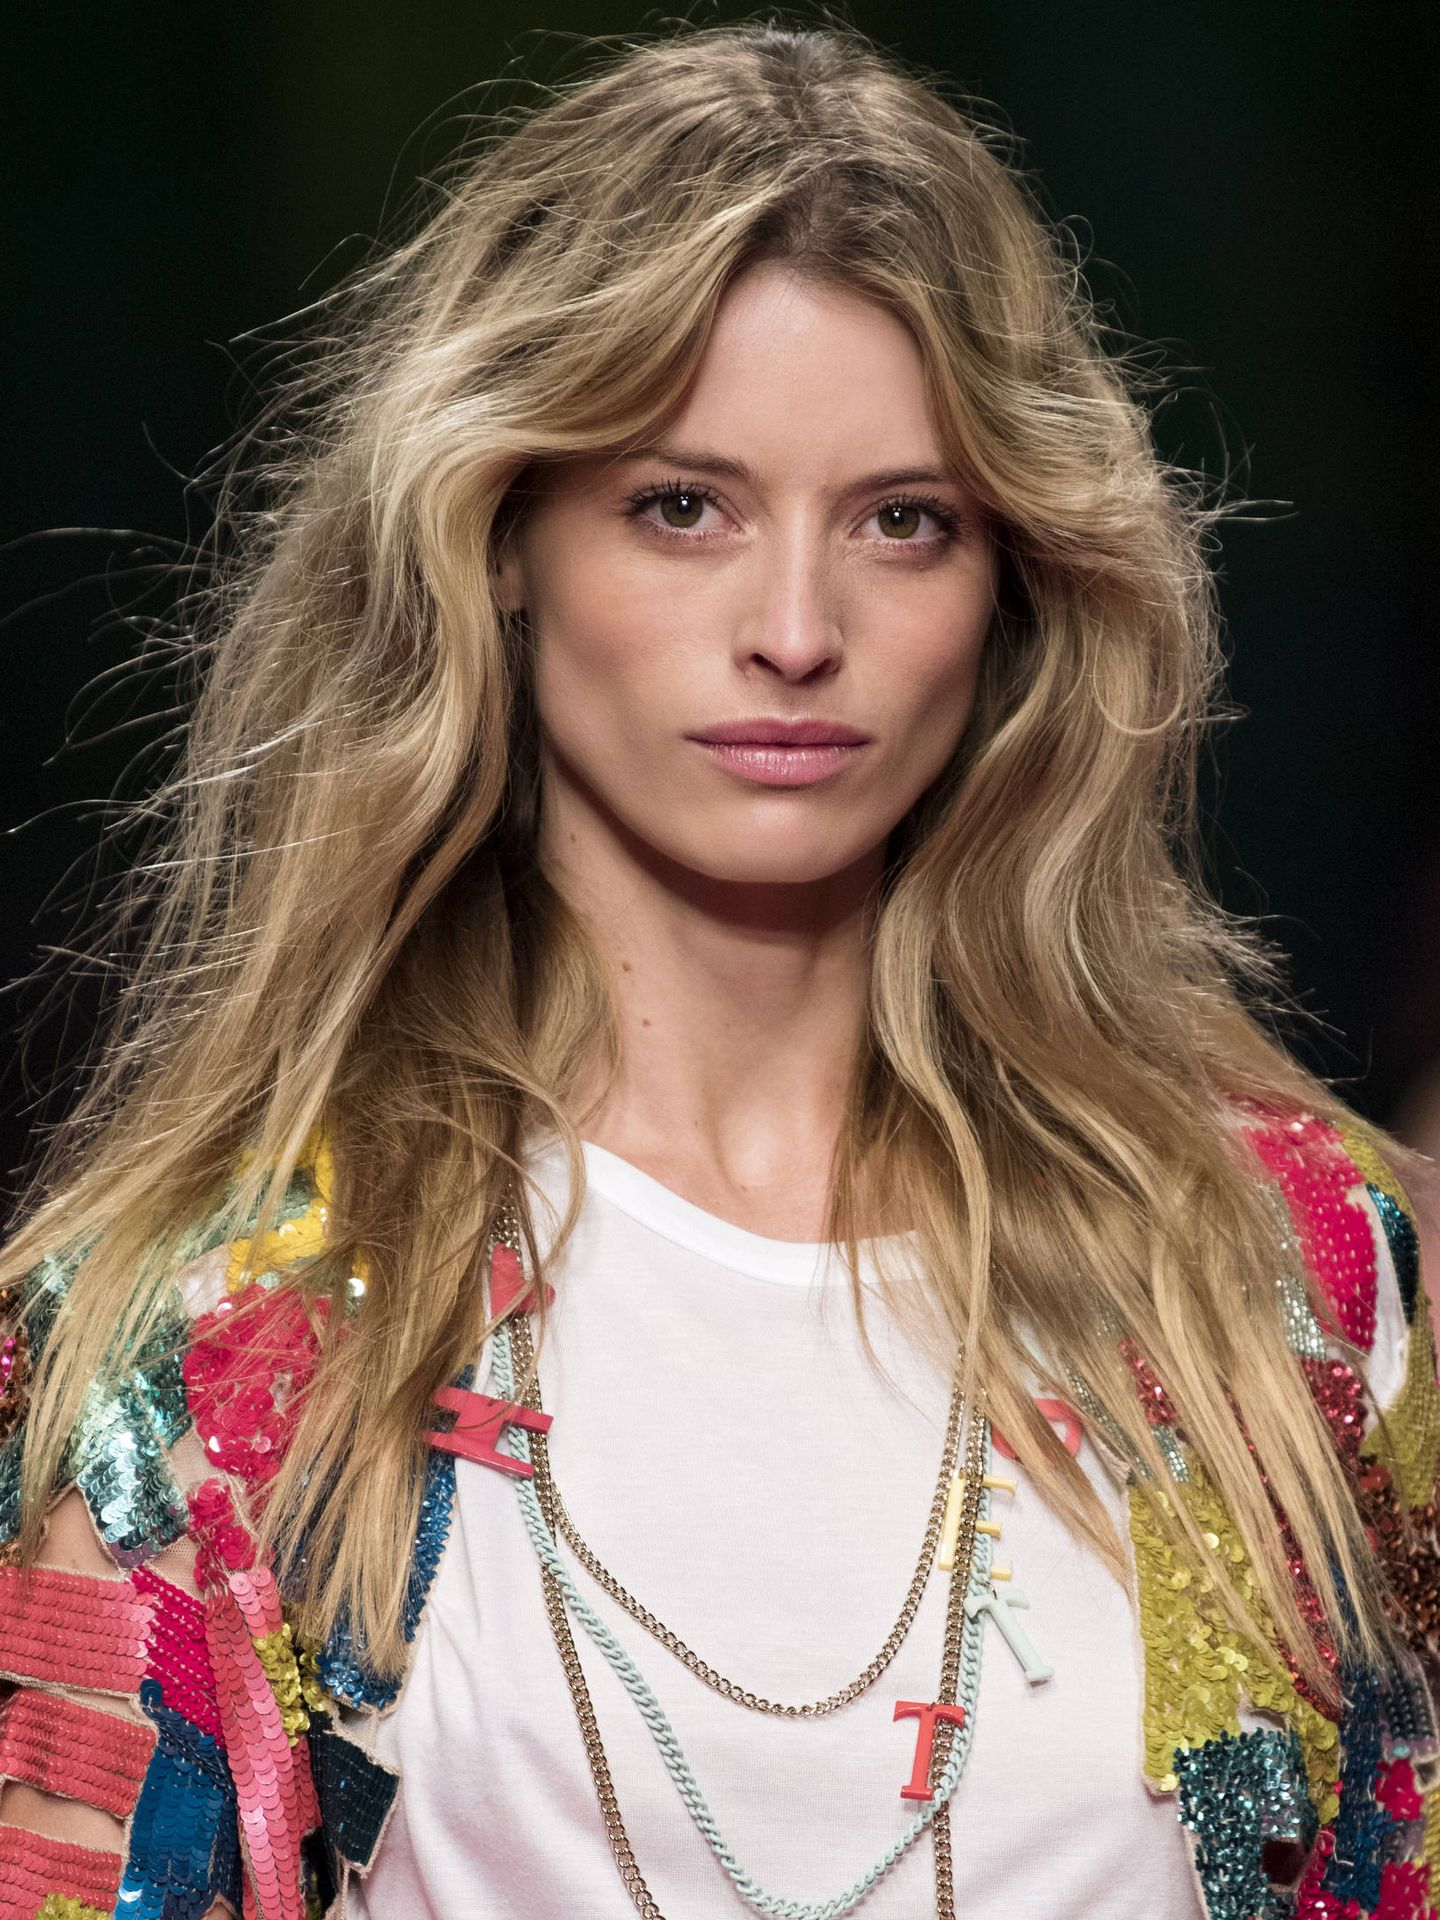 El encrespamiento es uno de los efectos secundarios del cabello seco. (Imaxtree)